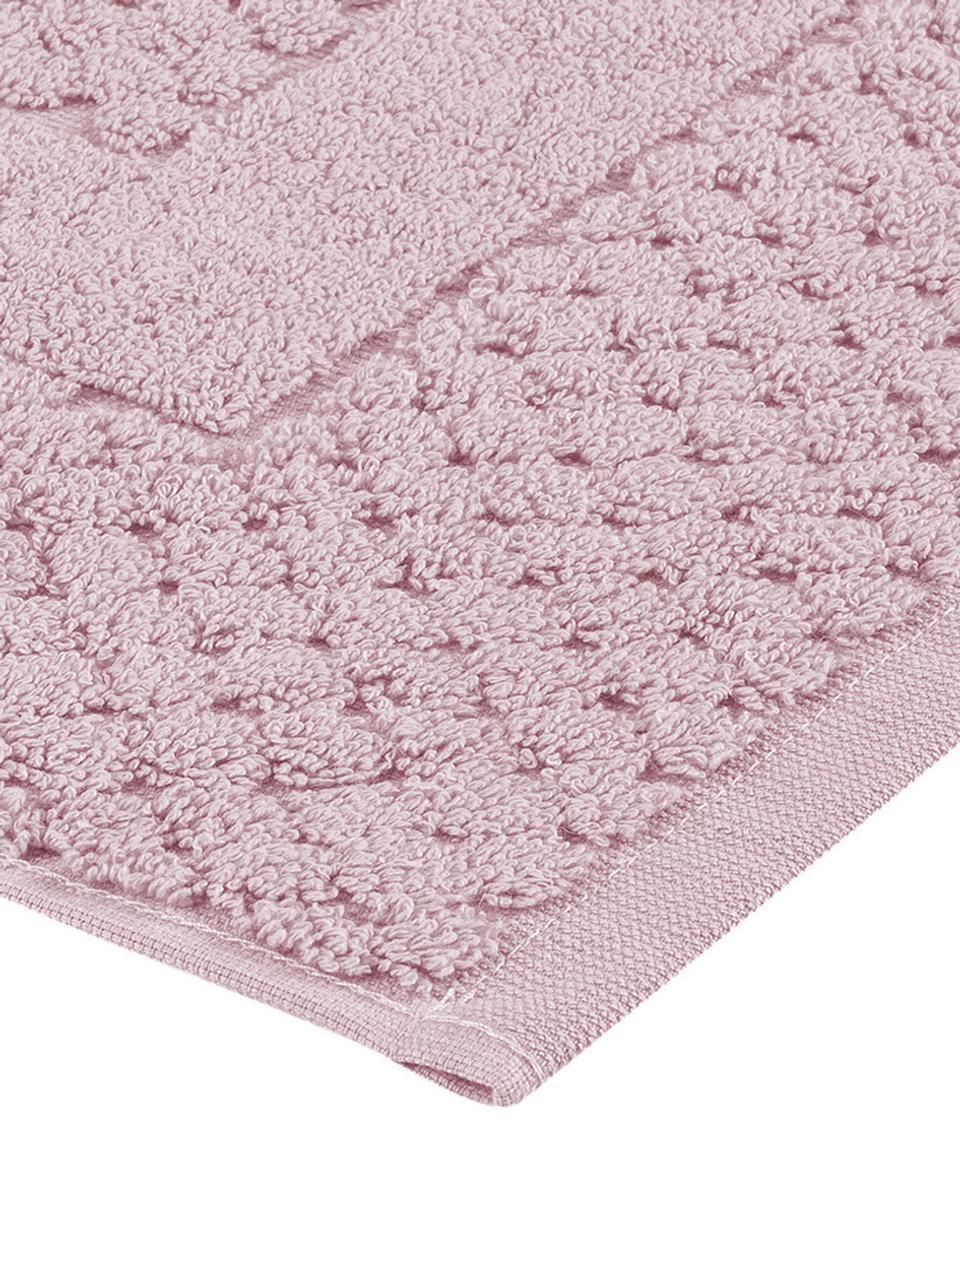 Badvorleger Katharina in Rosa, 100% Baumwolle, schwere Qualität, 900 g/m², Altrosa, 50 x 70 cm